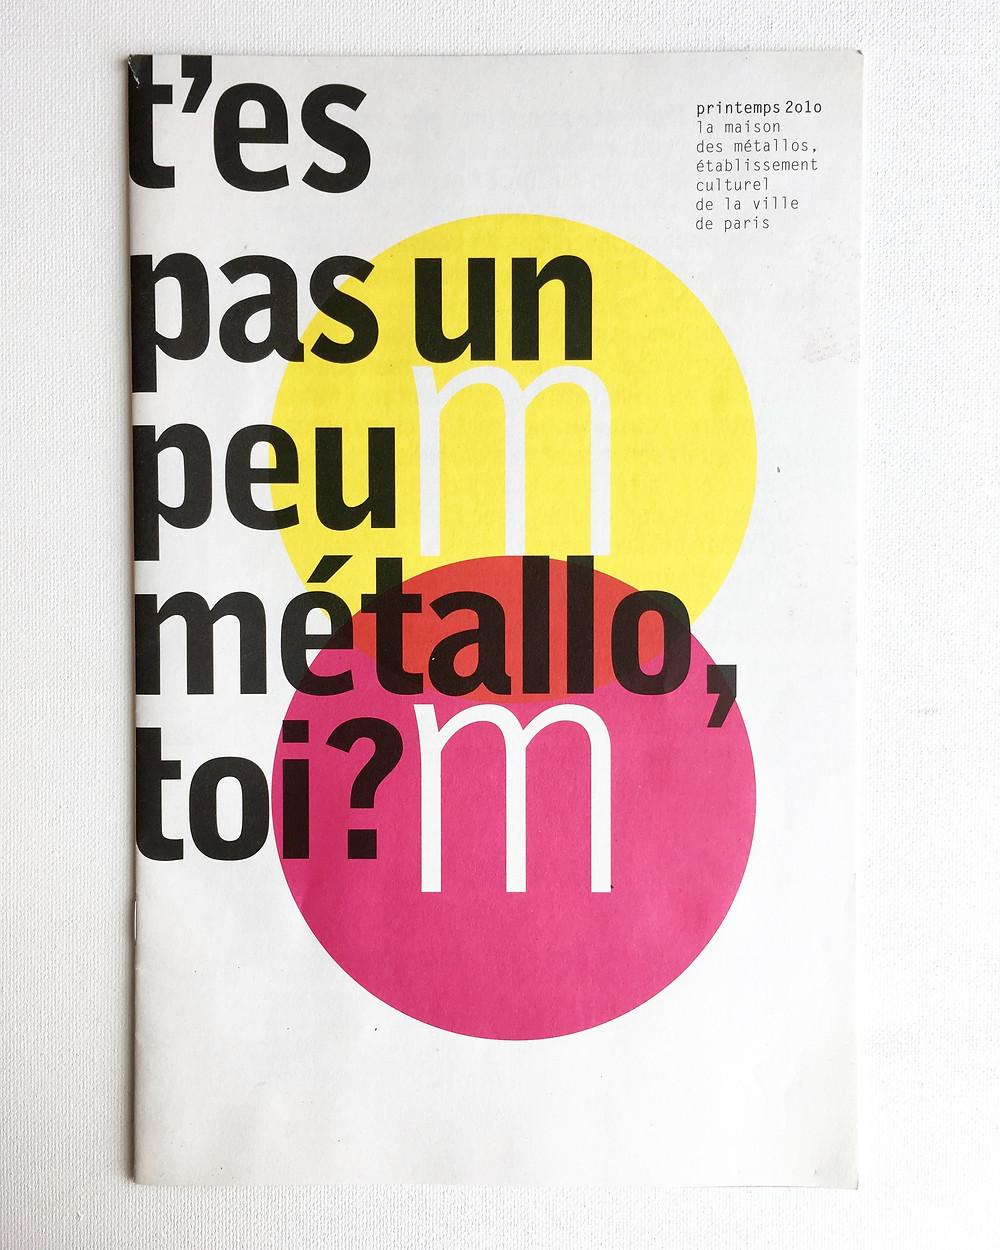 Catalog Design - Maison des Métallos